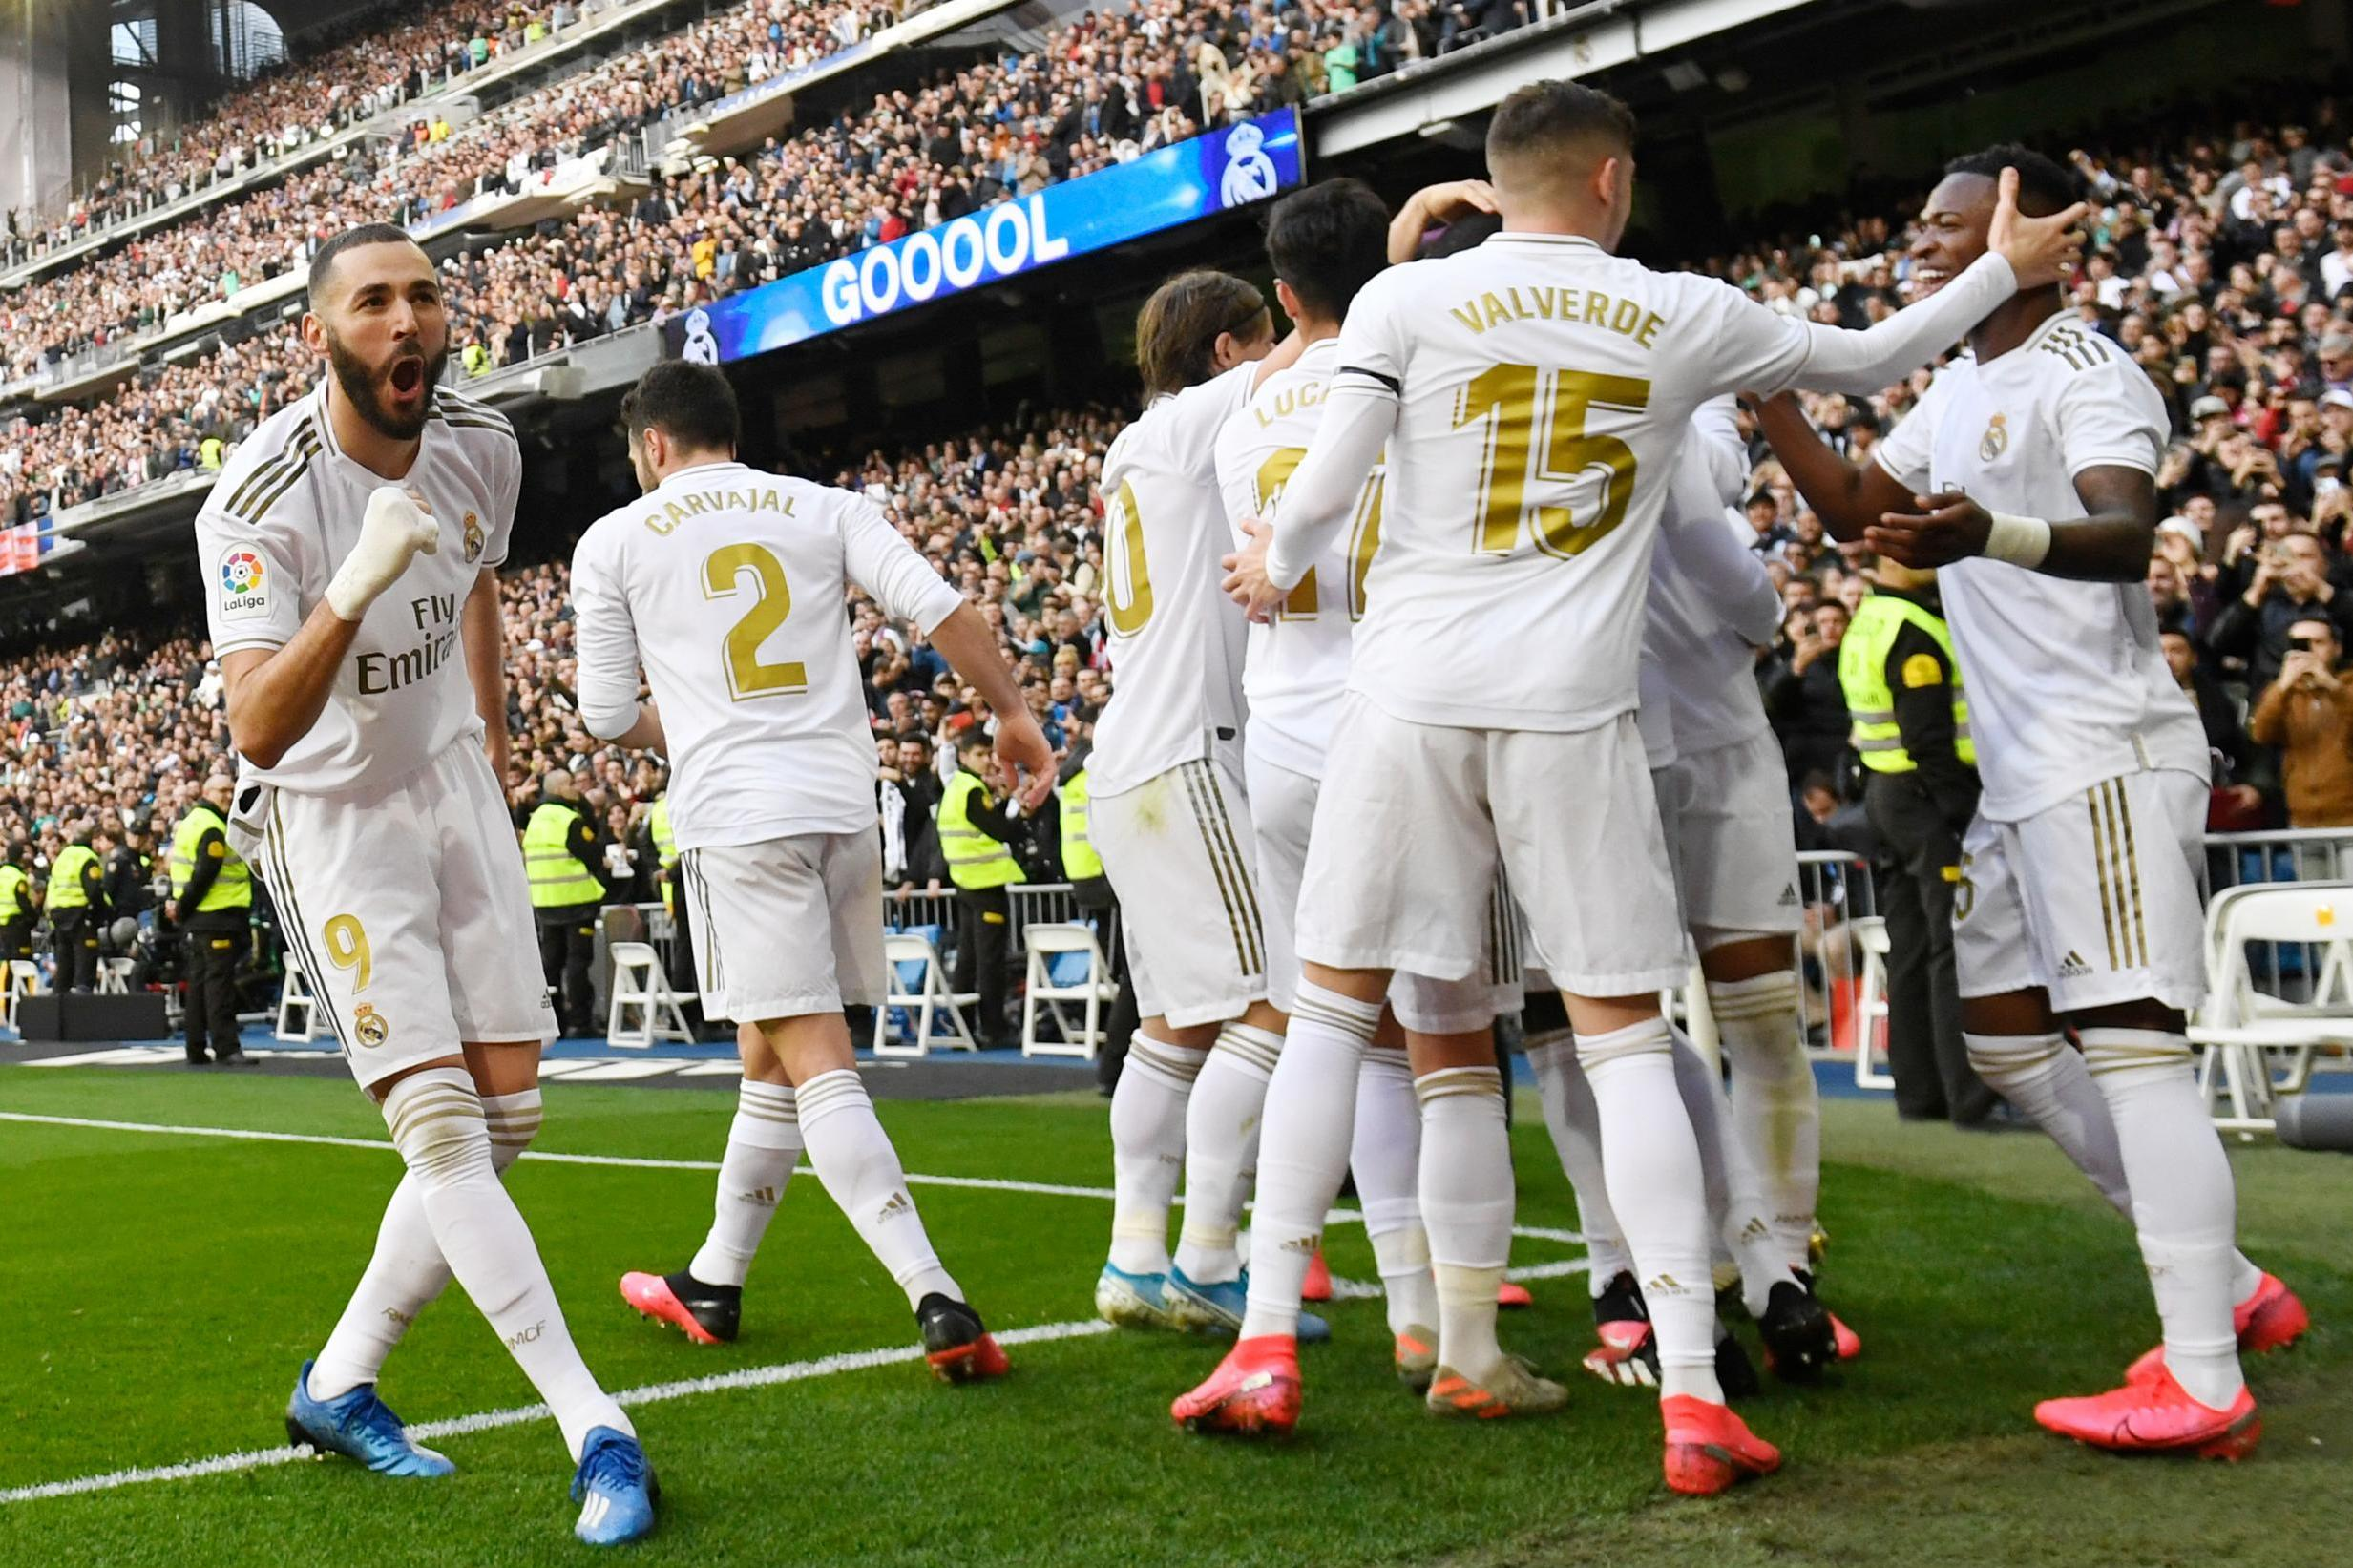 Les nouveaux maillots du Real Madrid dévoilés ?